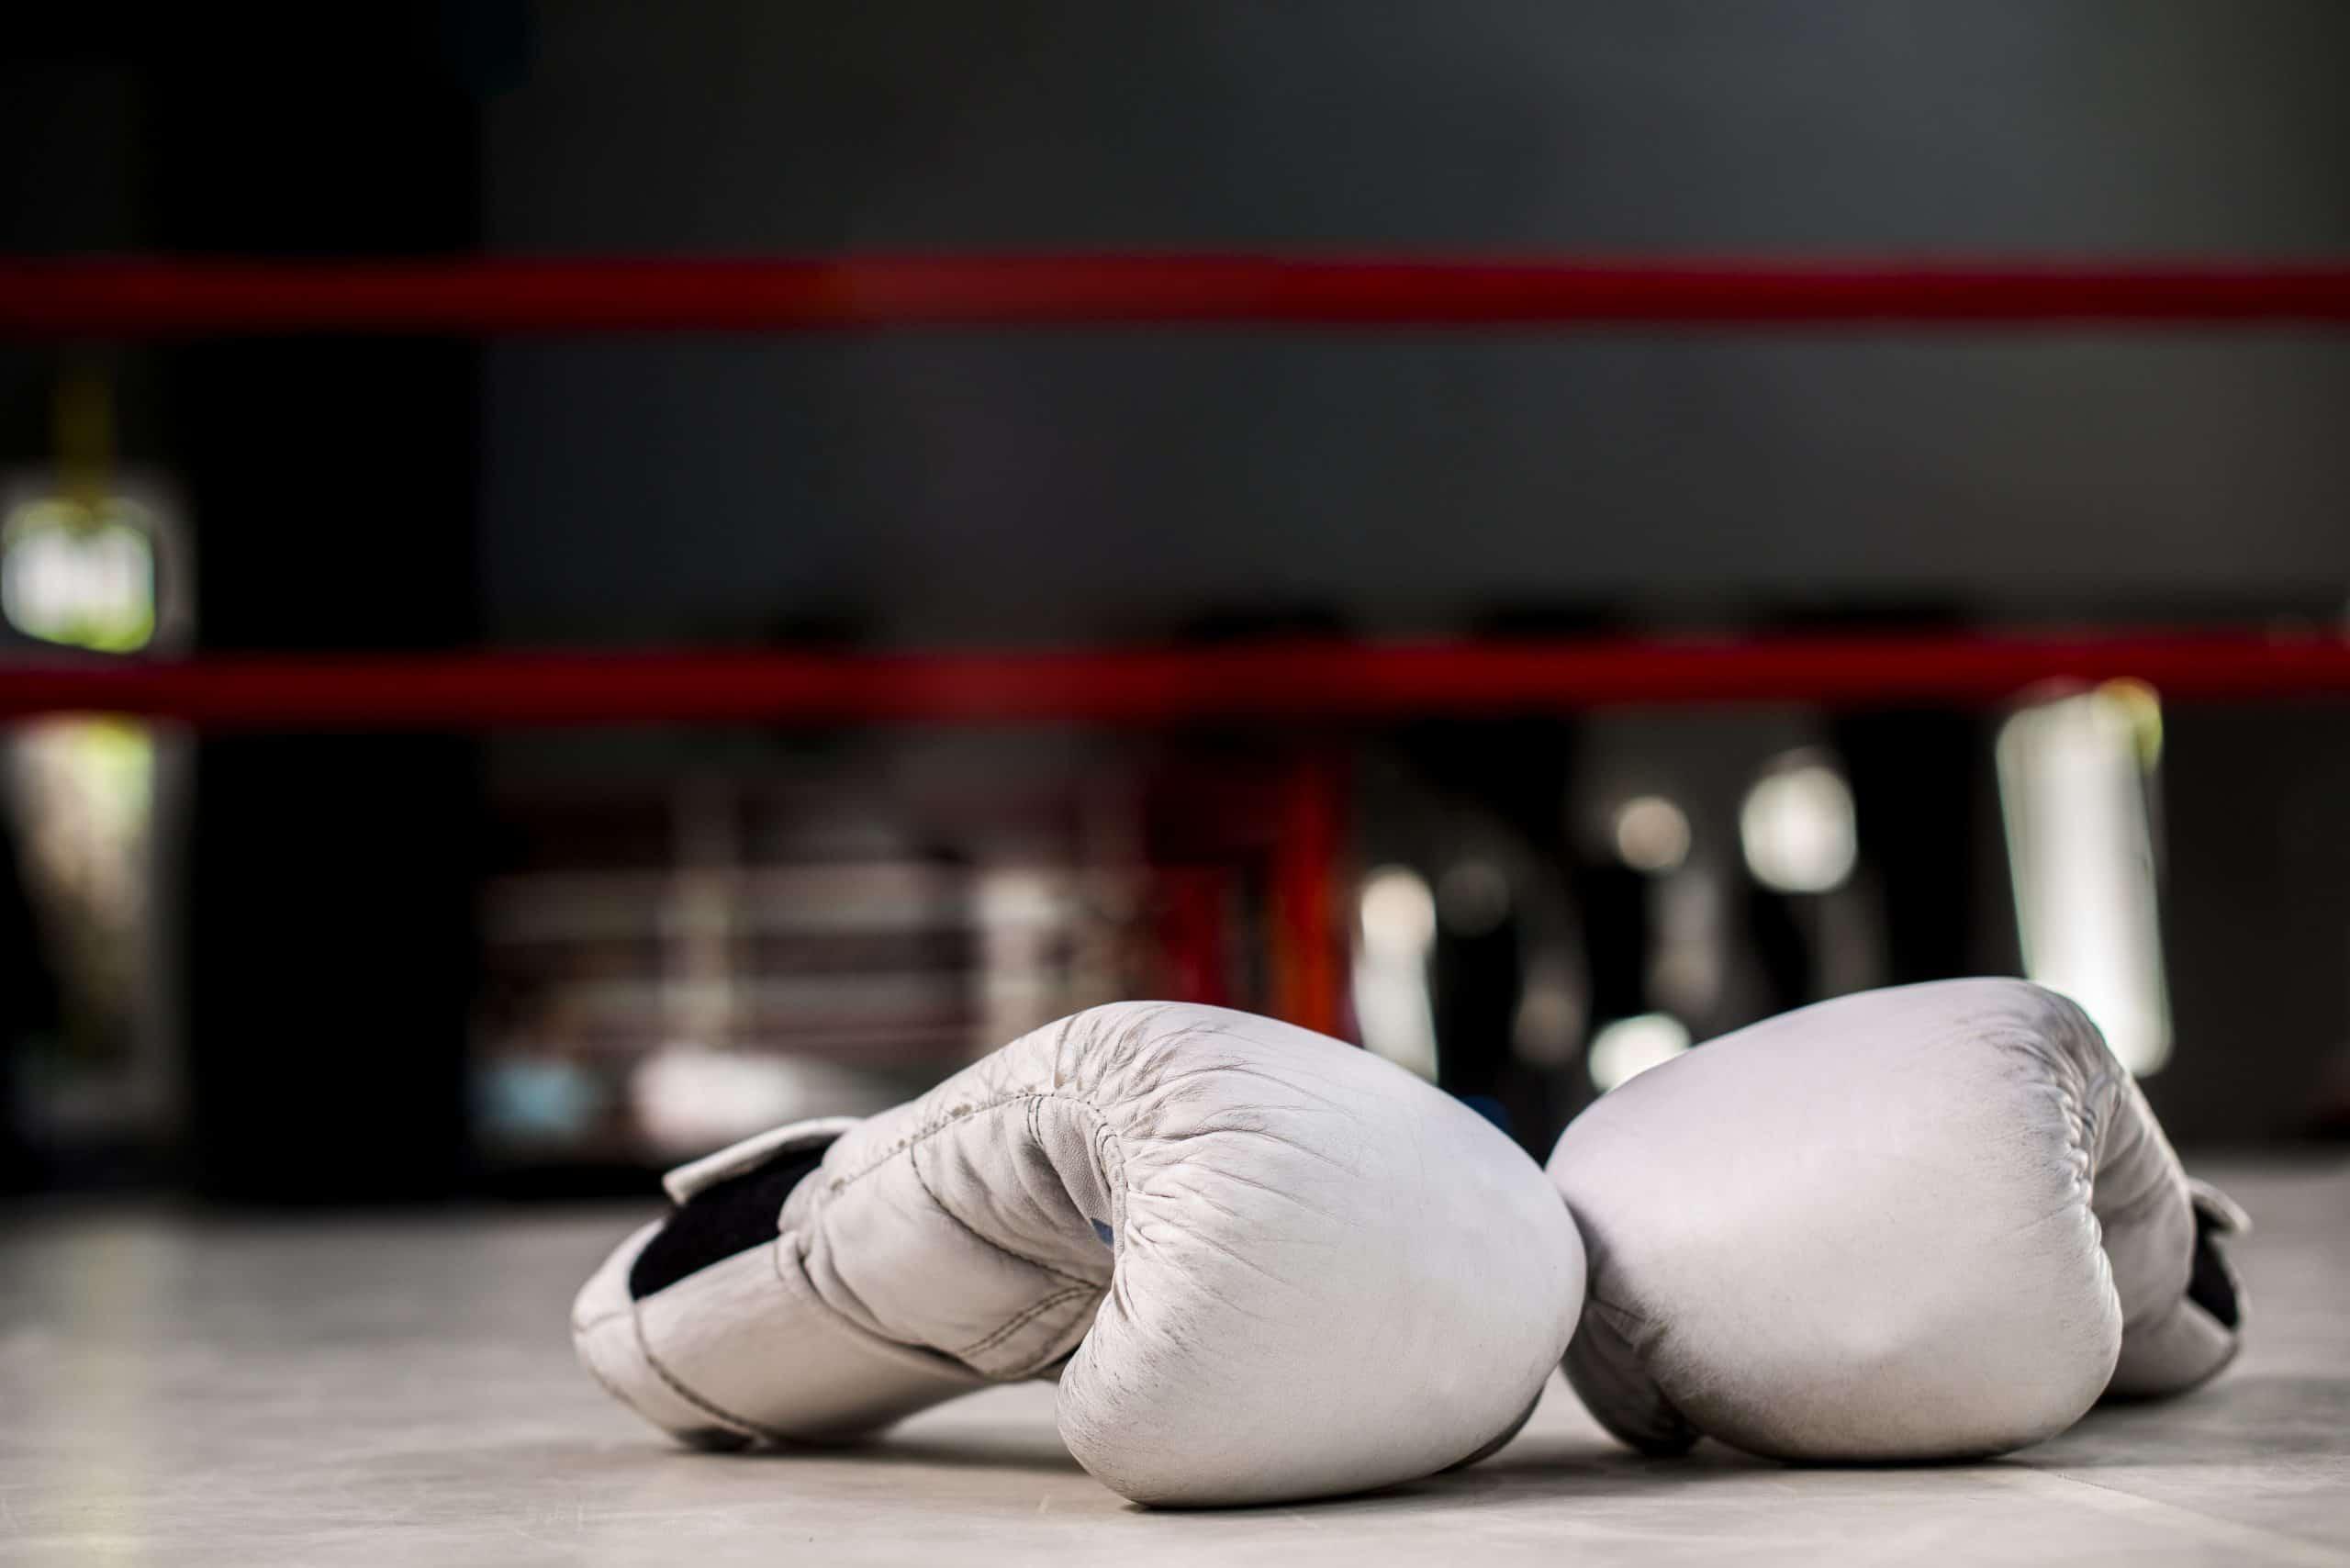 best ufc gloves